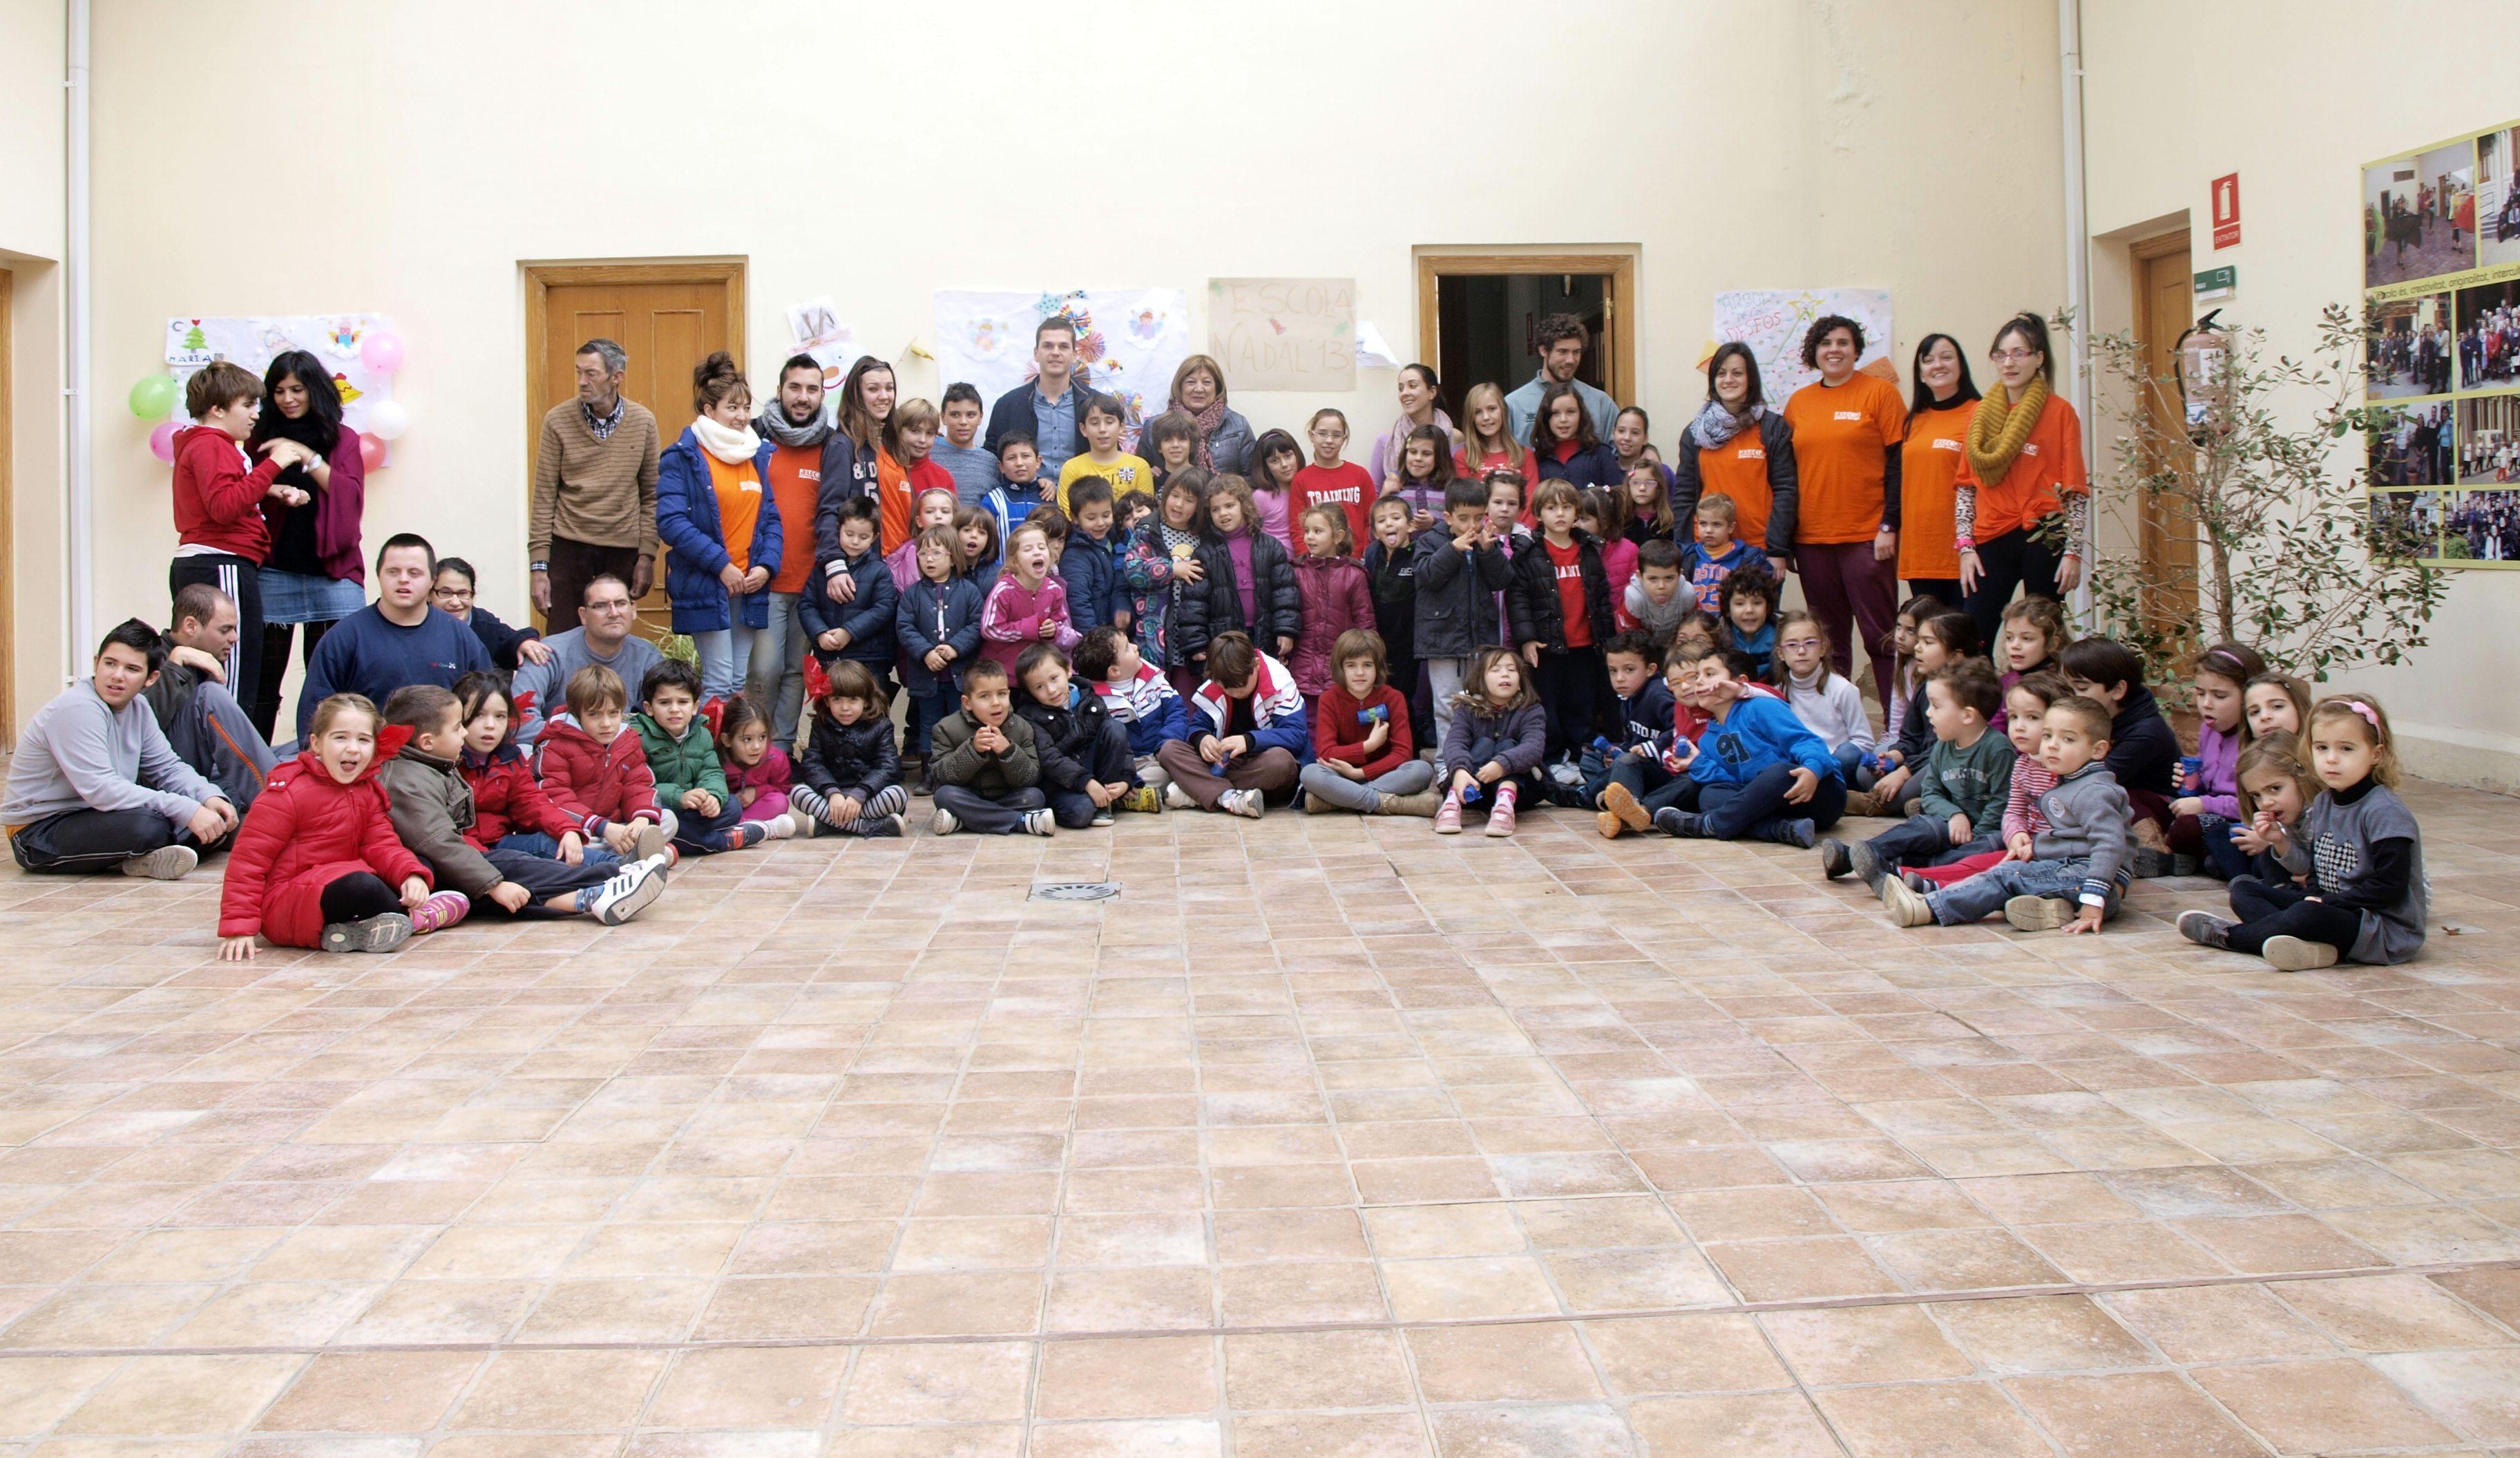 La alcaldesa de Catarroja junto con los niños y monitores despiden la Escoleta de Nadal. EPDA